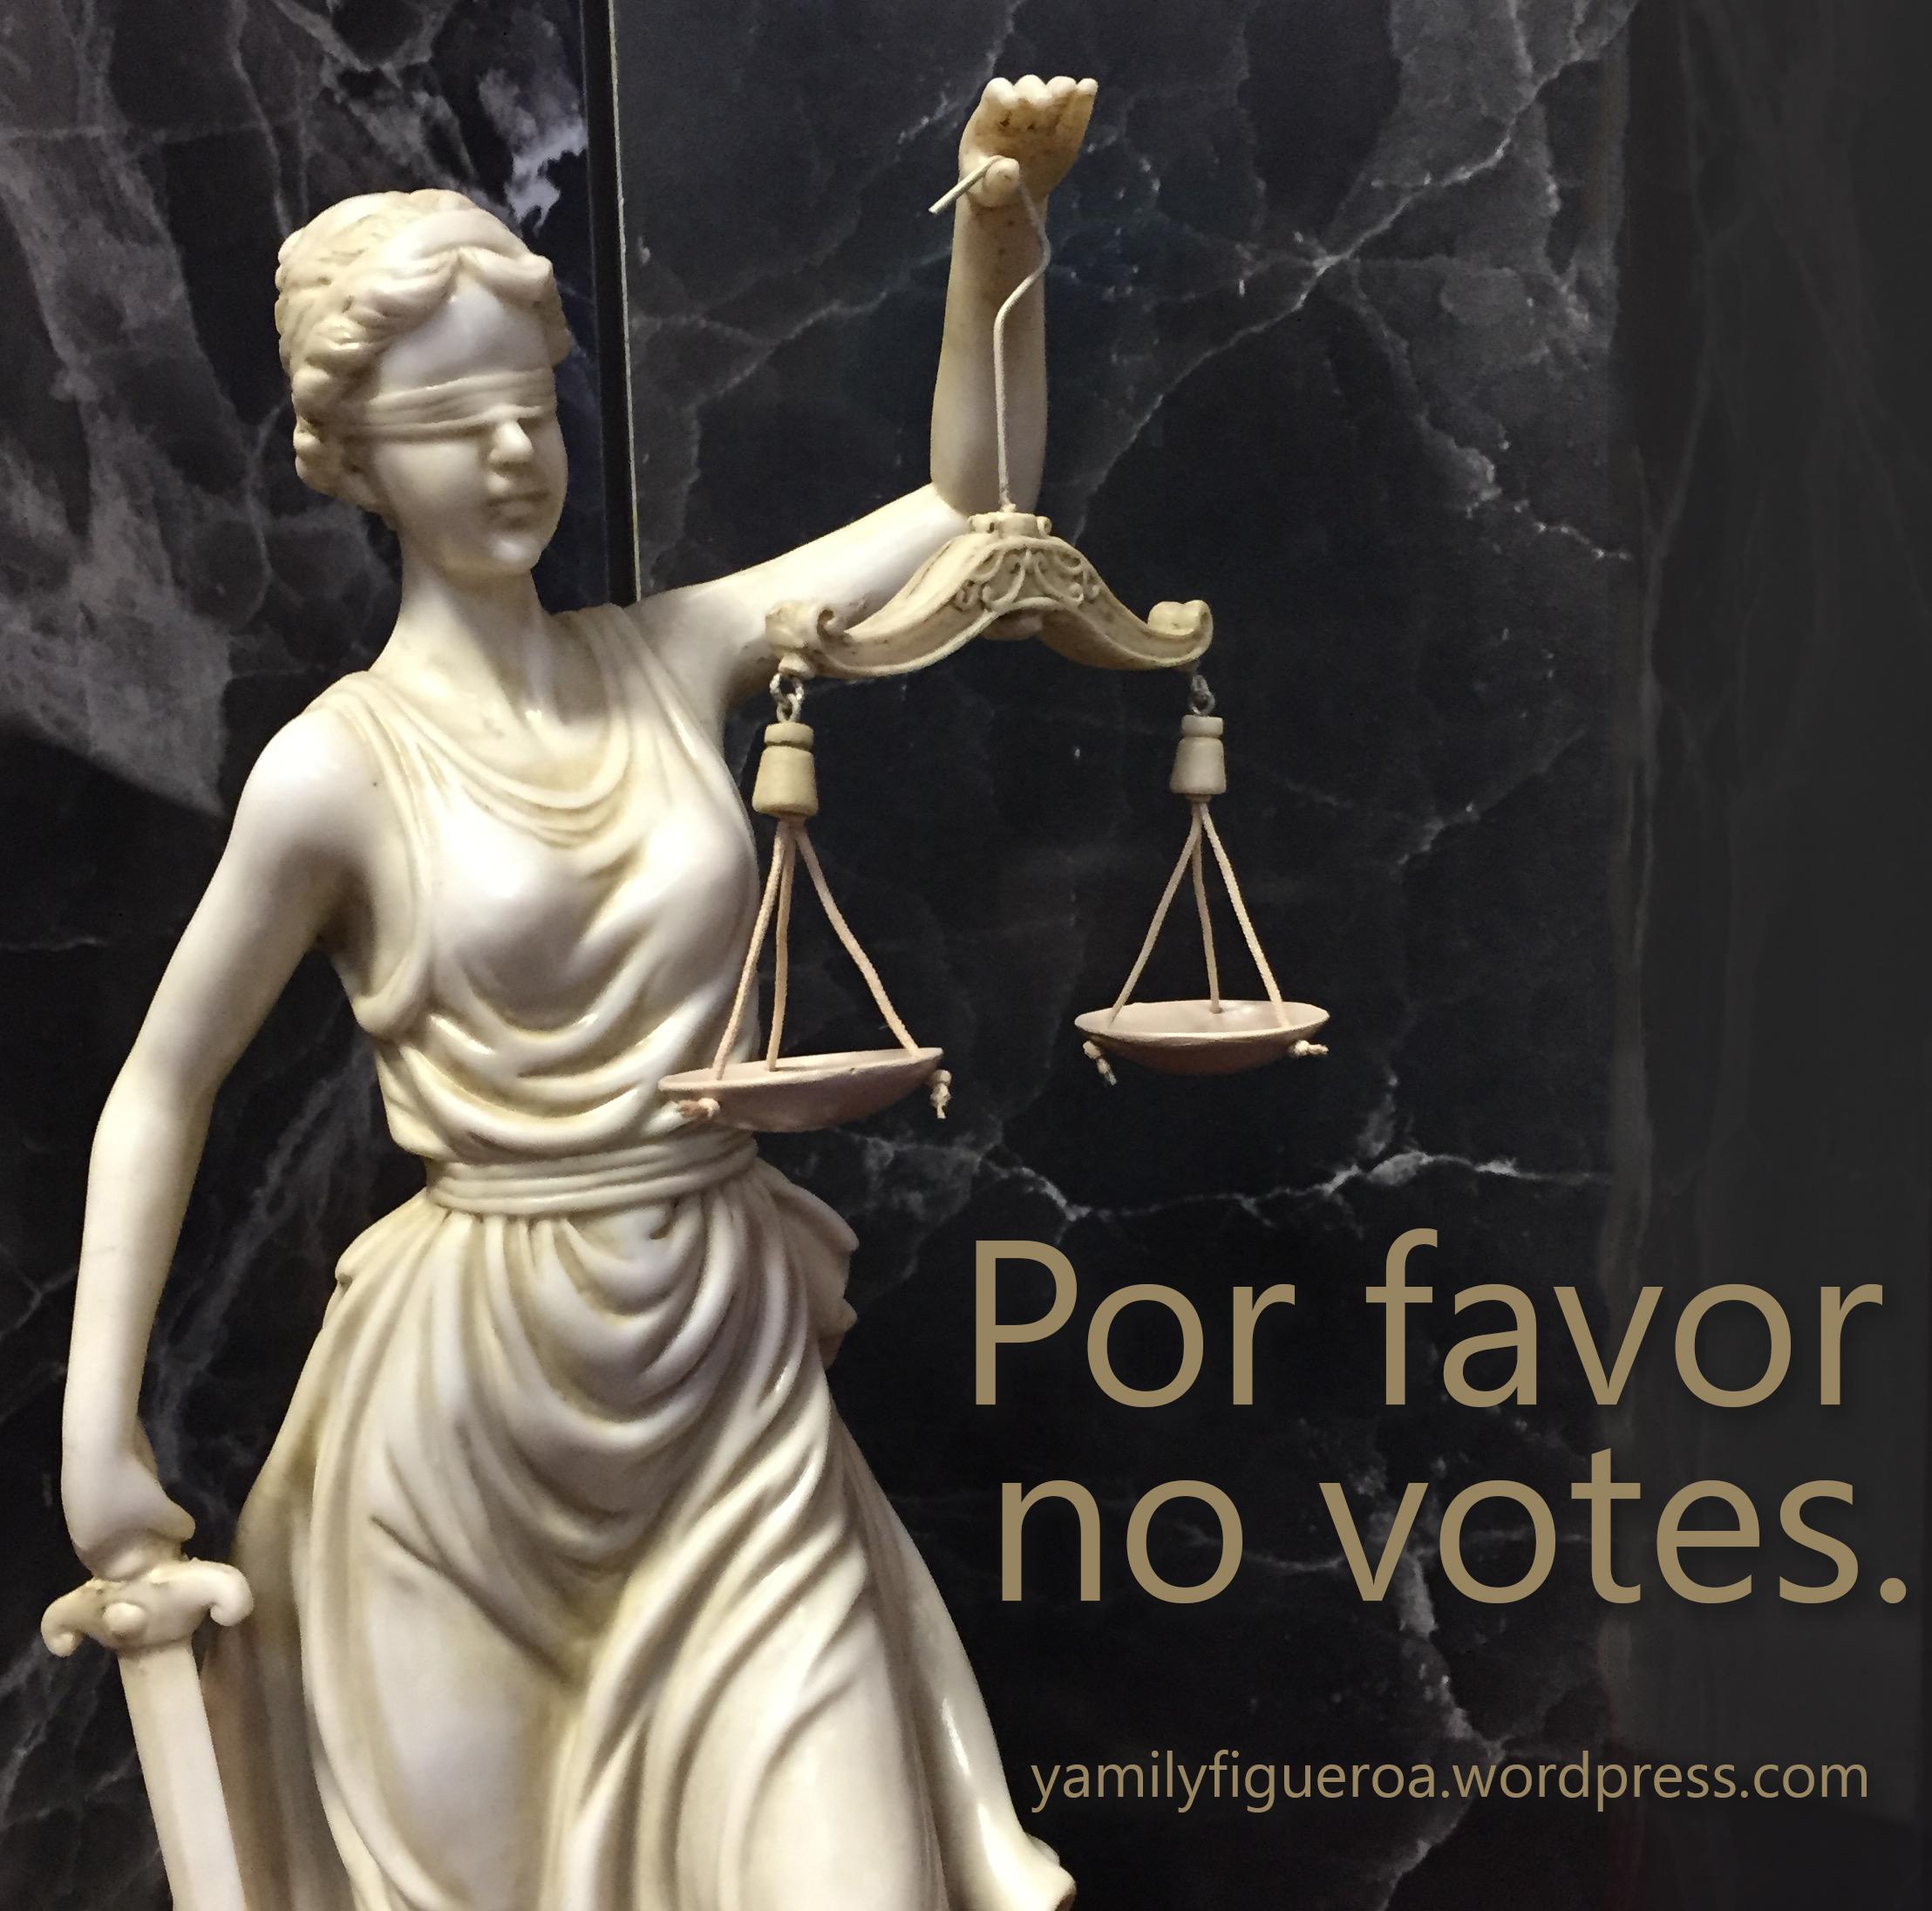 Por favor no votes